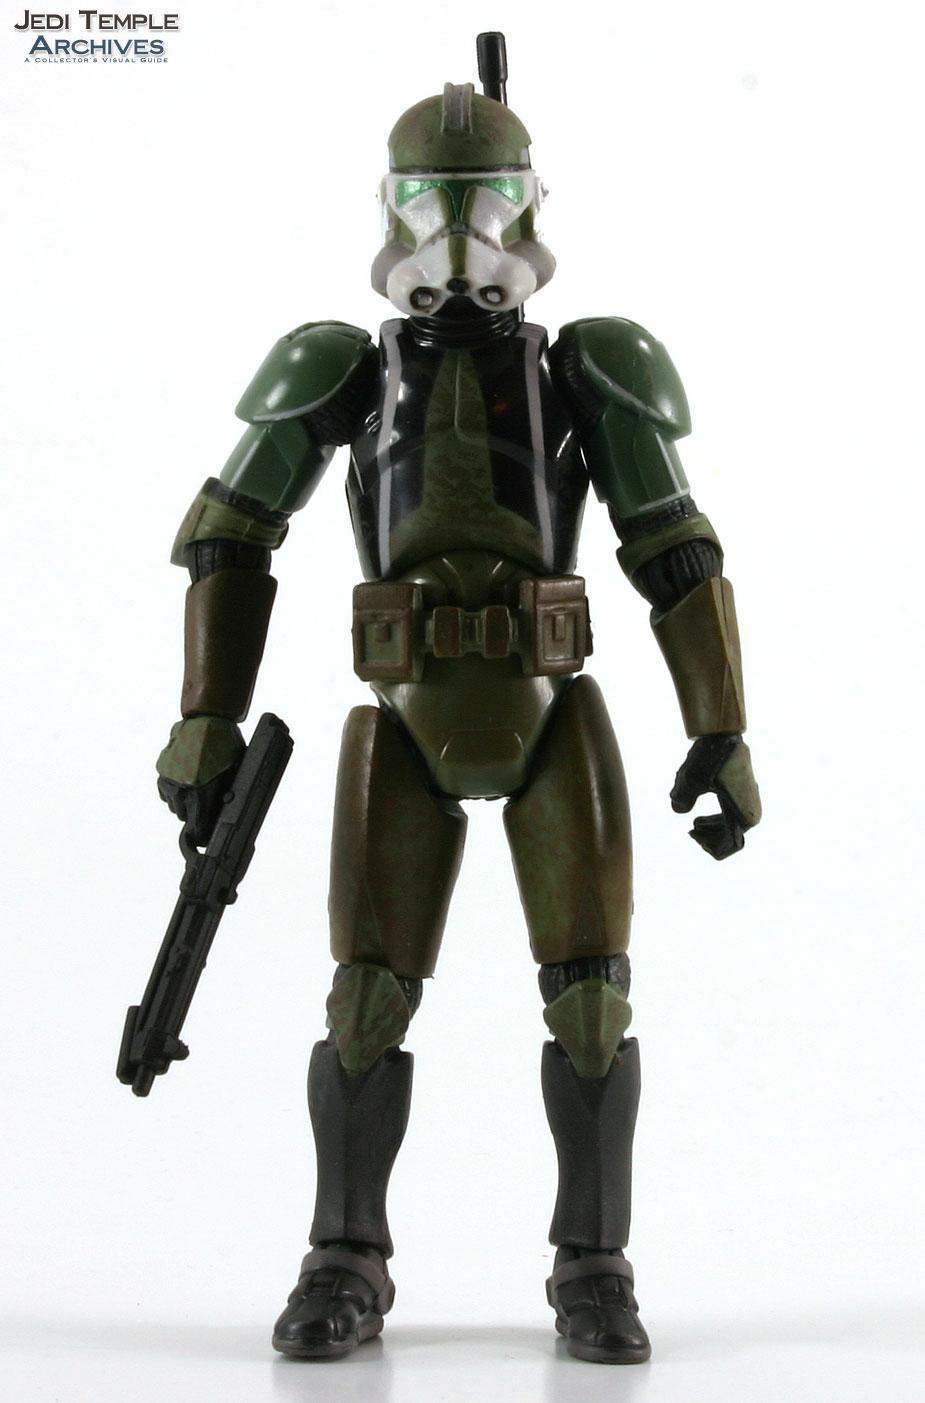 Commander Gree (Battle Gear dark green visor)